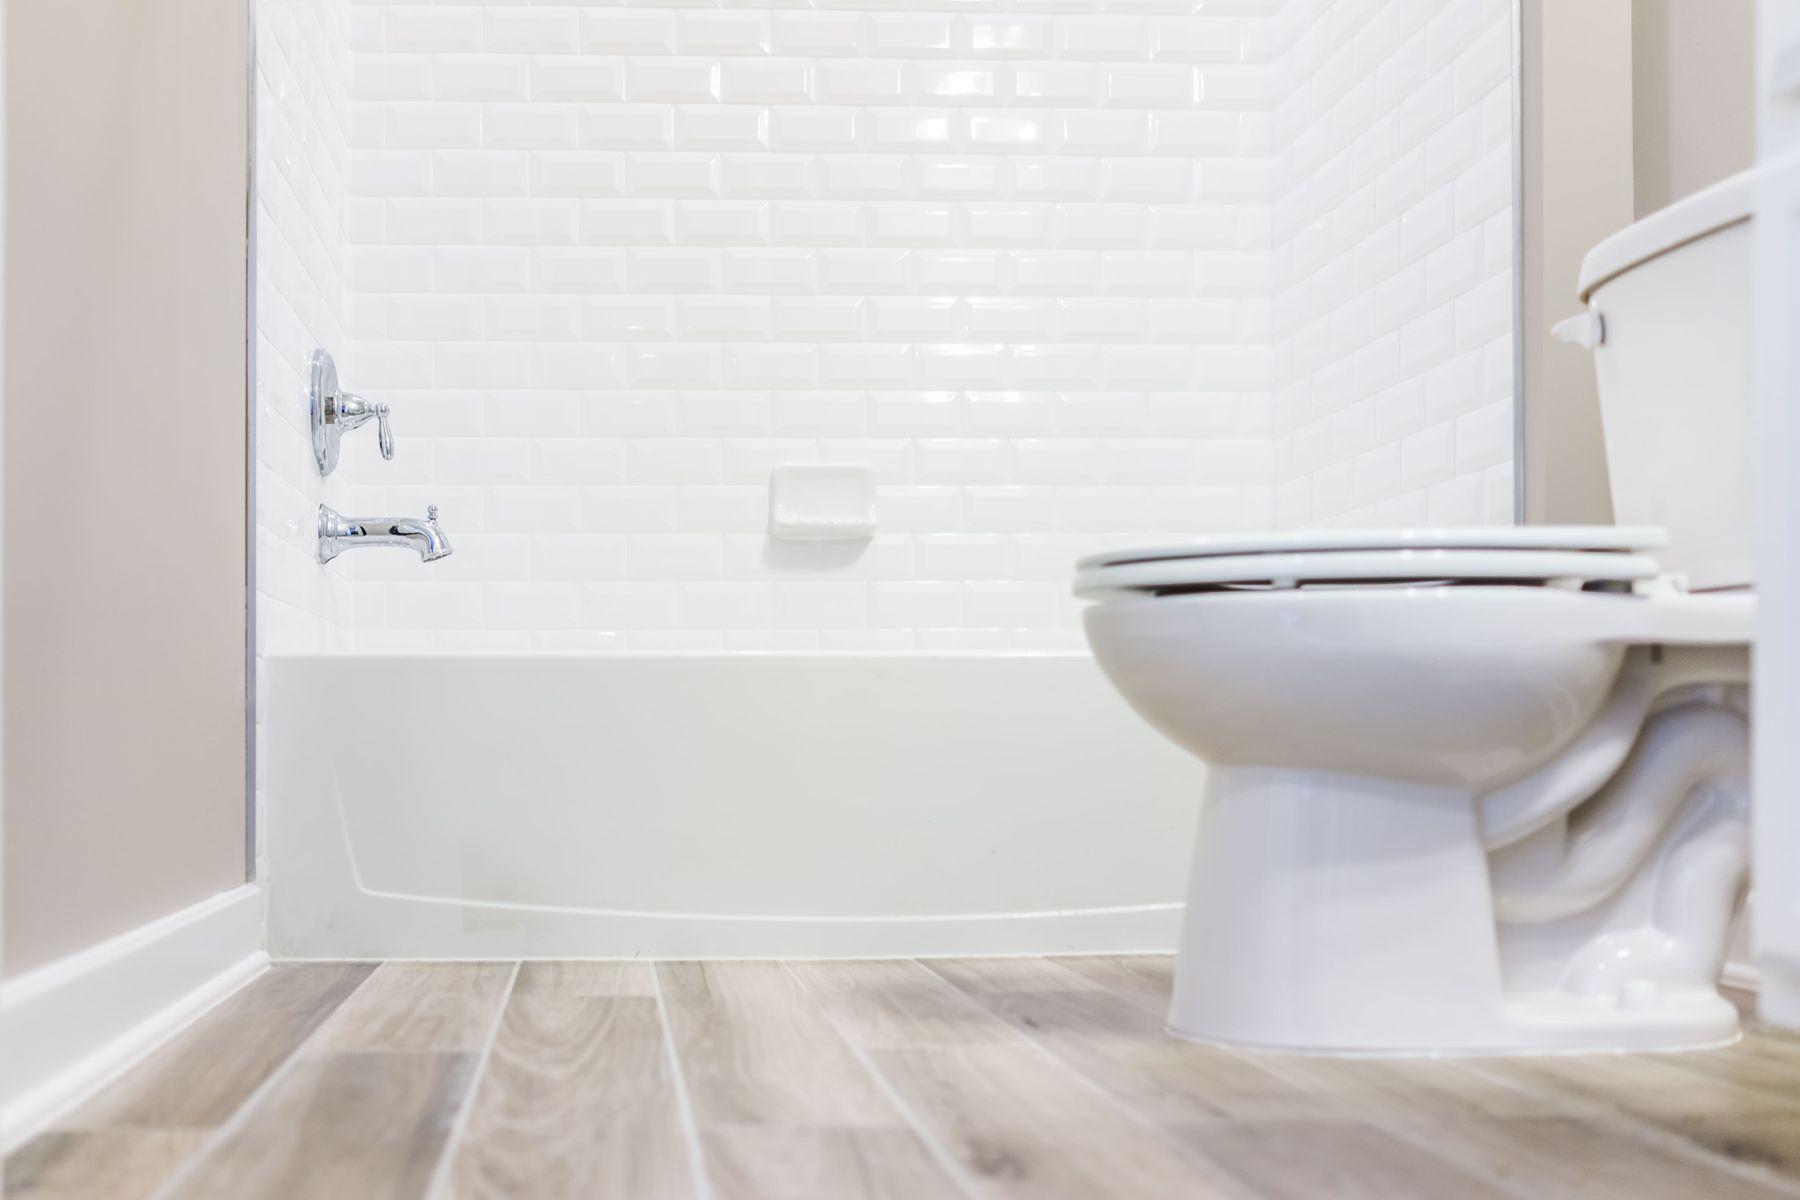 cómo limpiar el inodoro tips para quitar manchas y evitar los malos olores